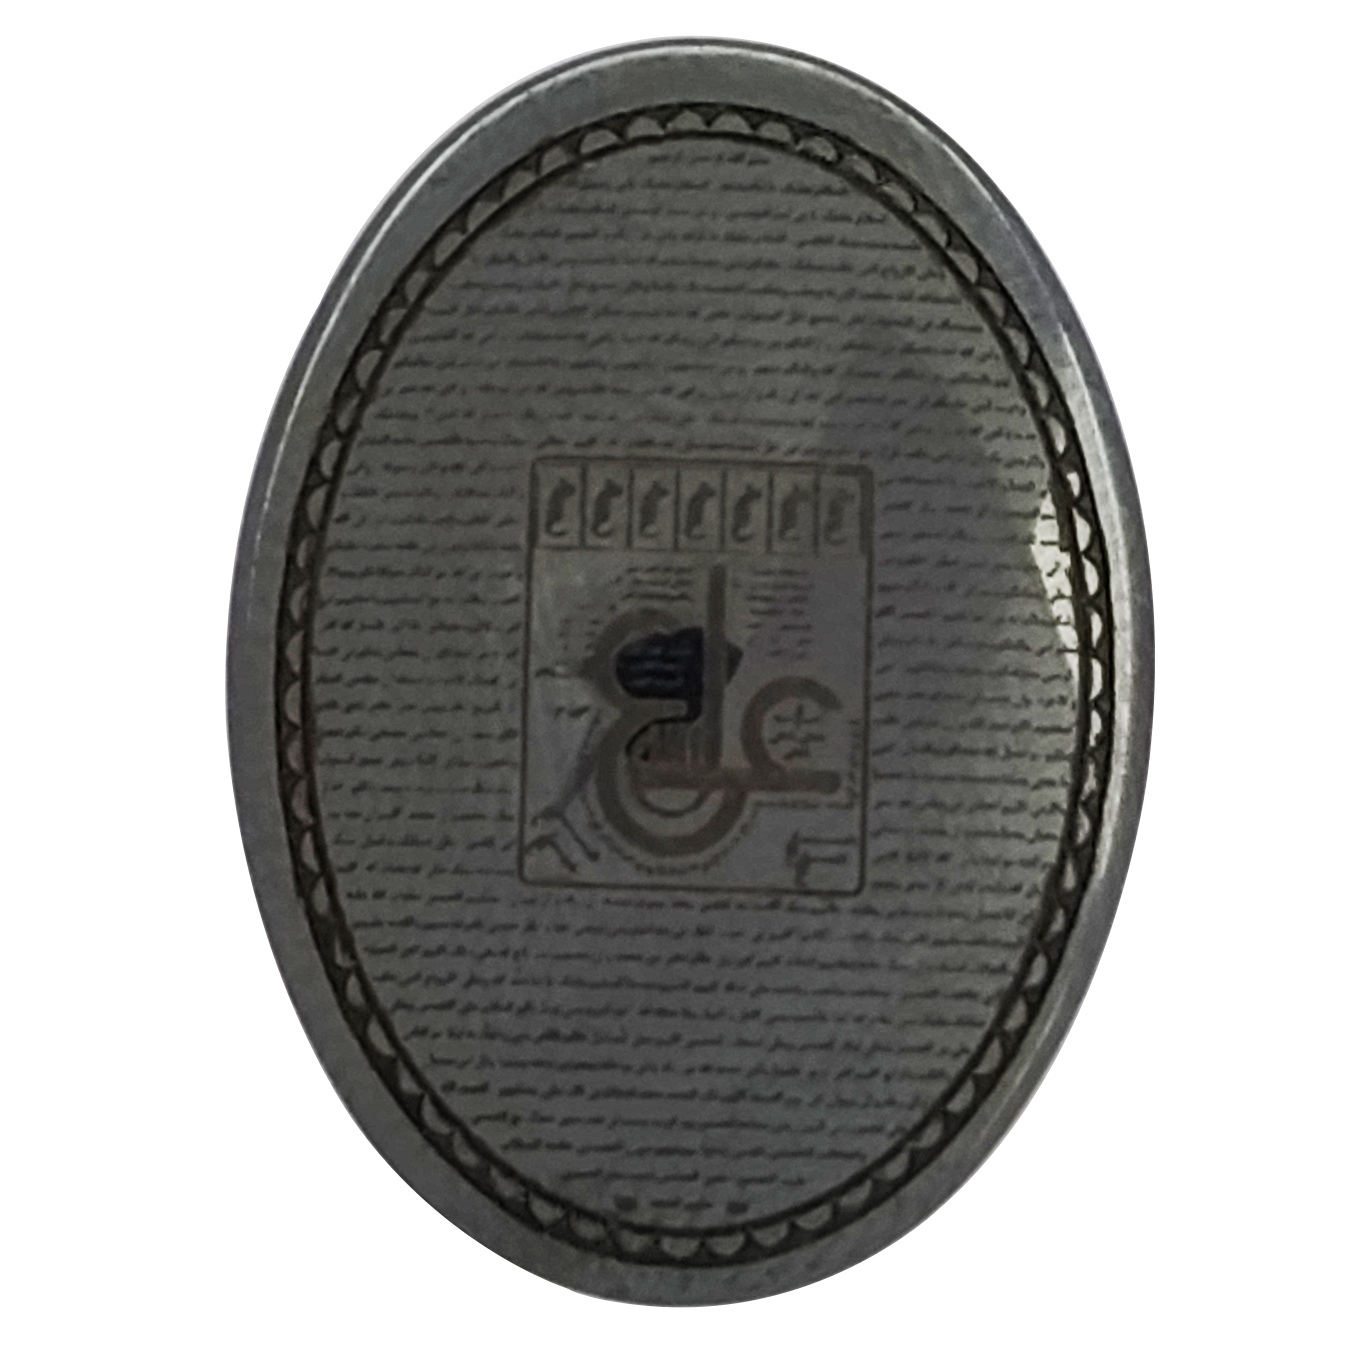 سنگ حدید سلین کالا مدل ce-200